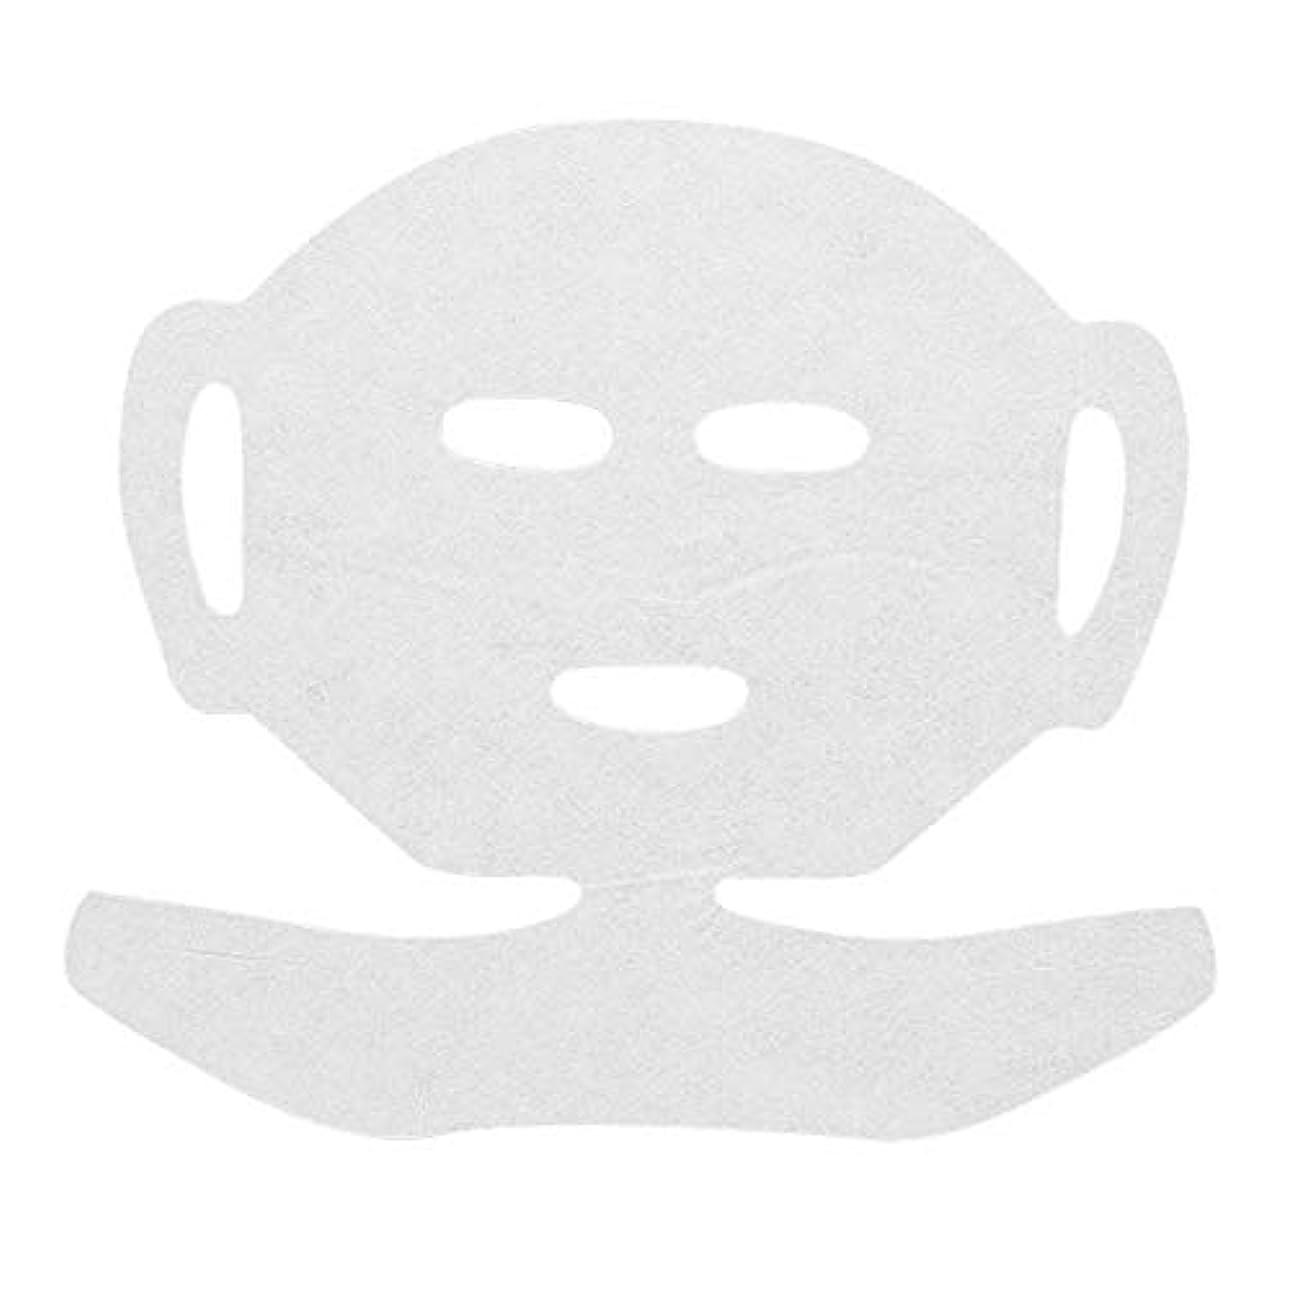 いつでも物理的に道路を作るプロセス高保水 フェイシャルシート (マスクタイプネック付き 化粧水無し) 80枚 29×20cm [ フェイスマスク フェイスシート フェイスパック フェイシャルマスク シートマスク フェイシャルシート フェイシャルパック ローションマスク...